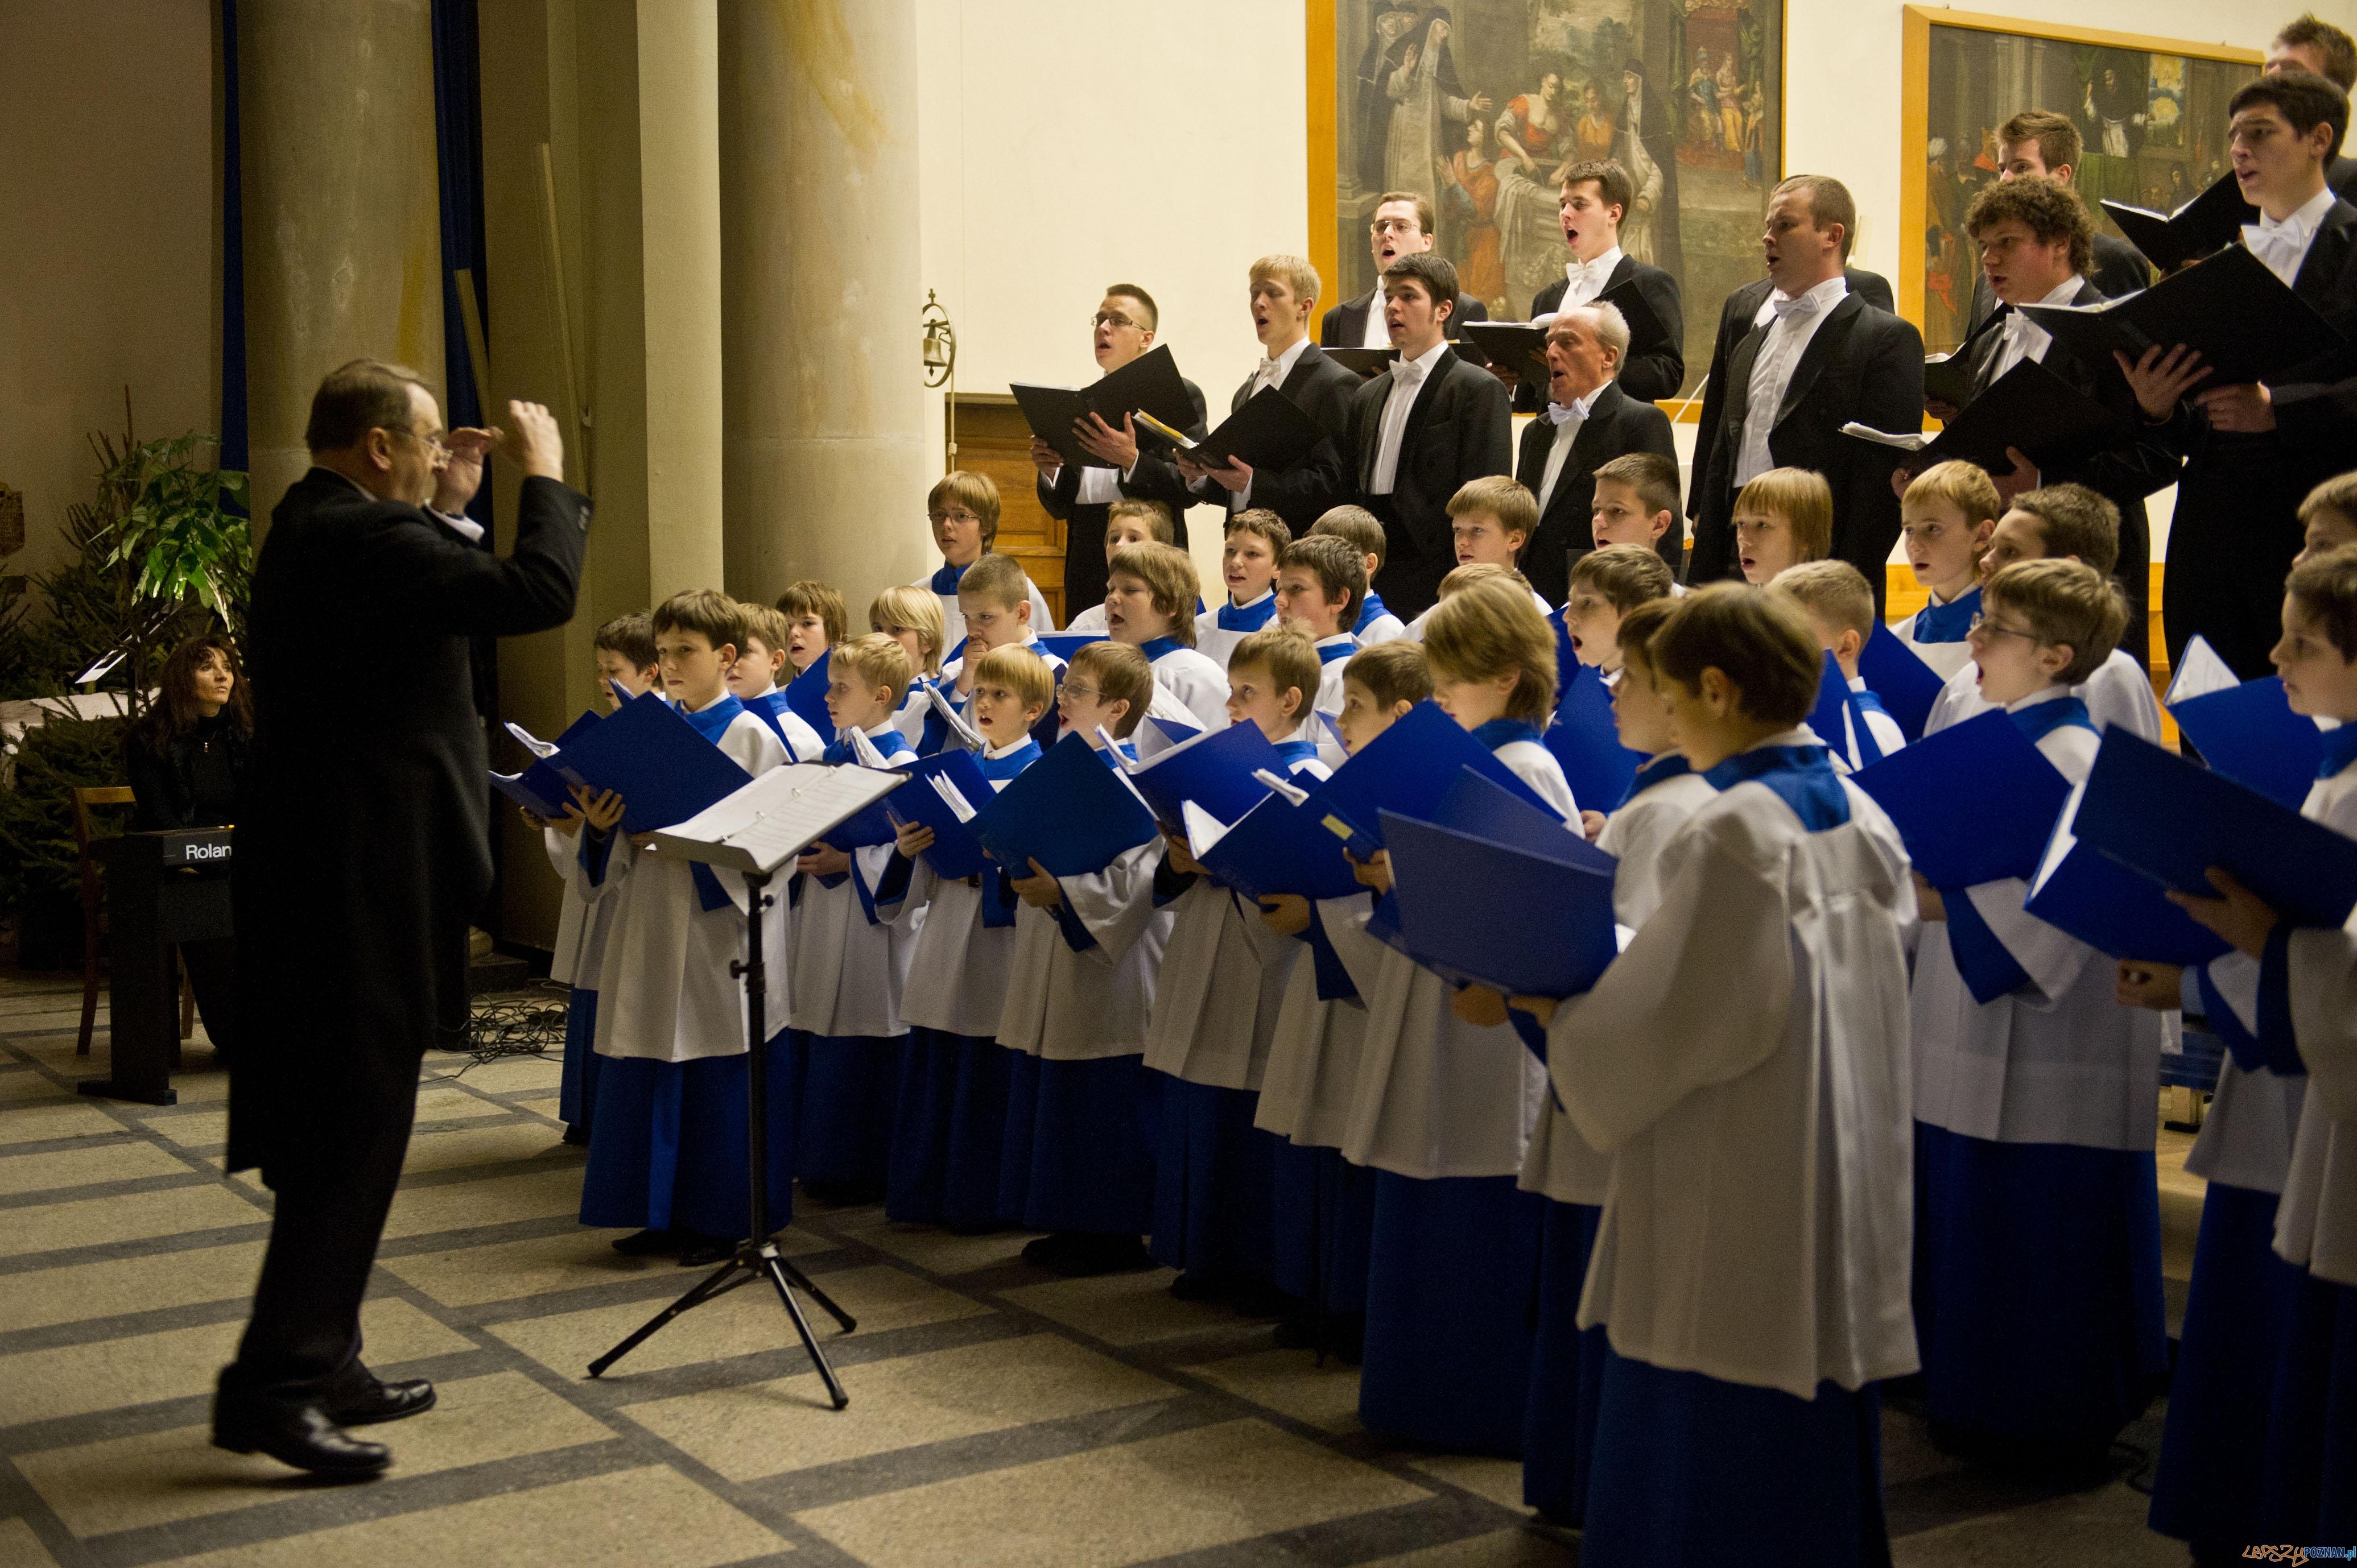 III Poznańskie Koledowanie - Poznański Chór Katedralny  Foto: Caterina Zalewska